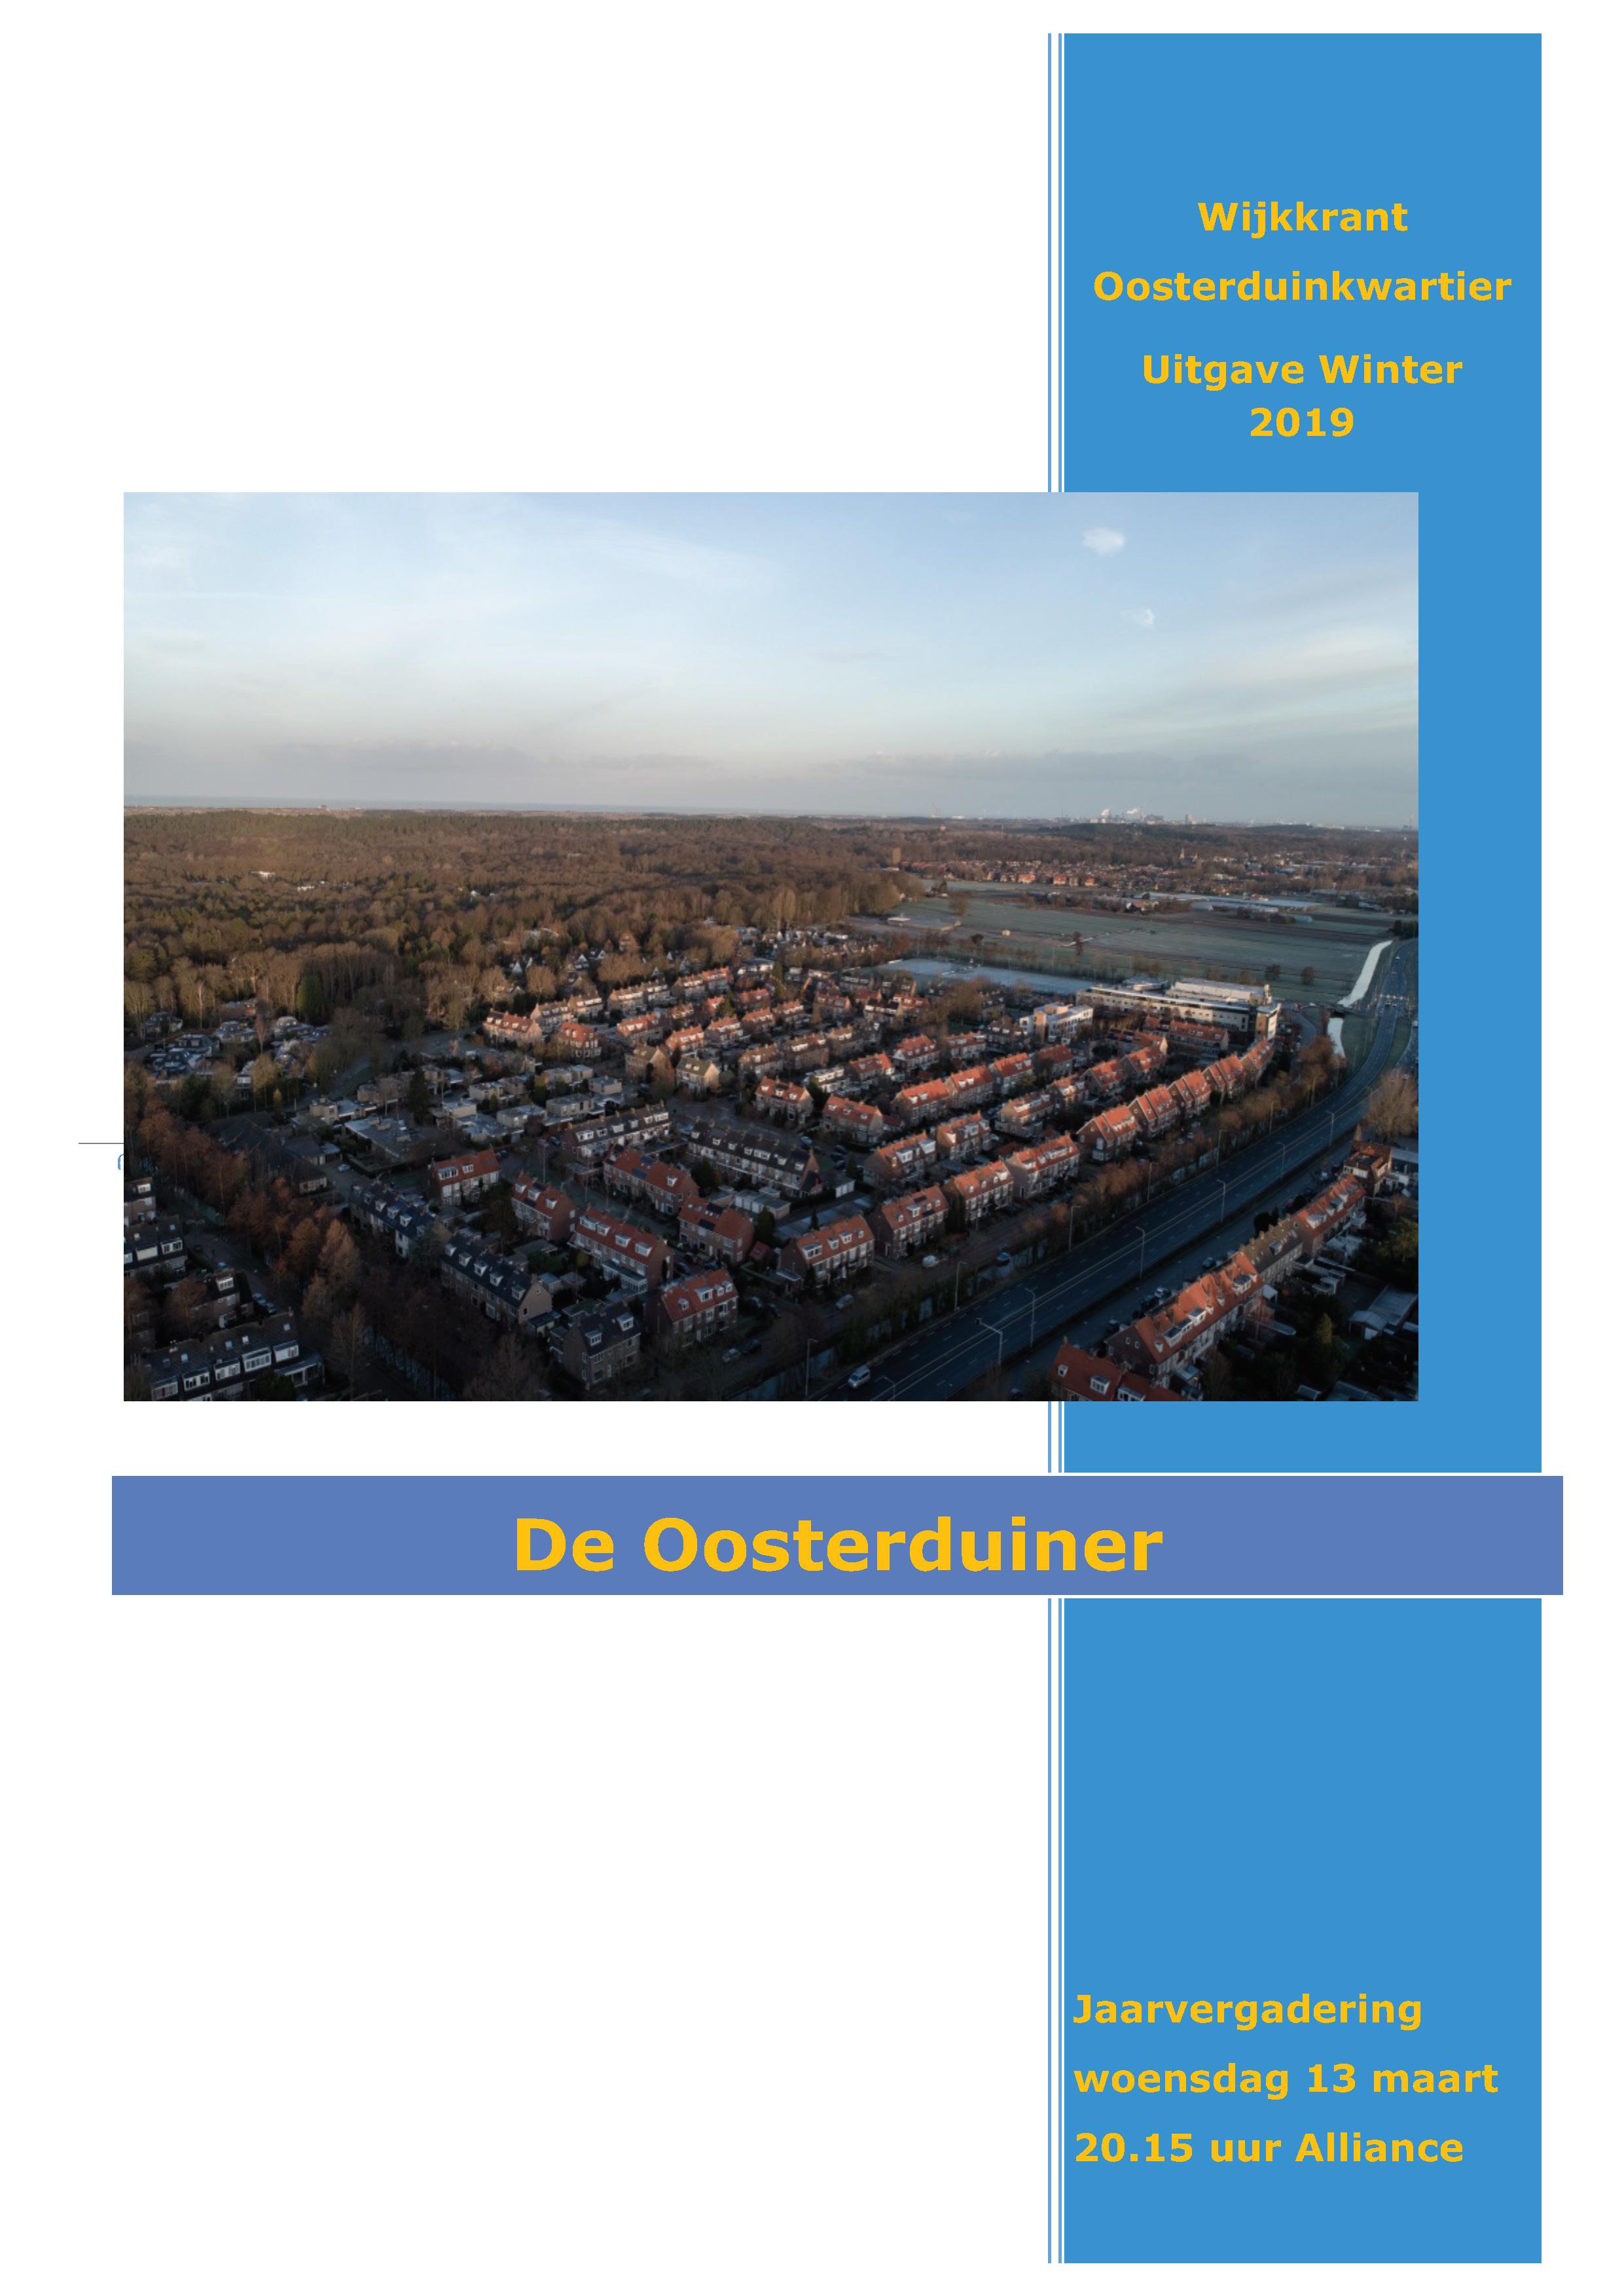 Wijkkrant winter 2019 - Wijkkrant Oosterduinkwartier - Uitgave Winter 2019